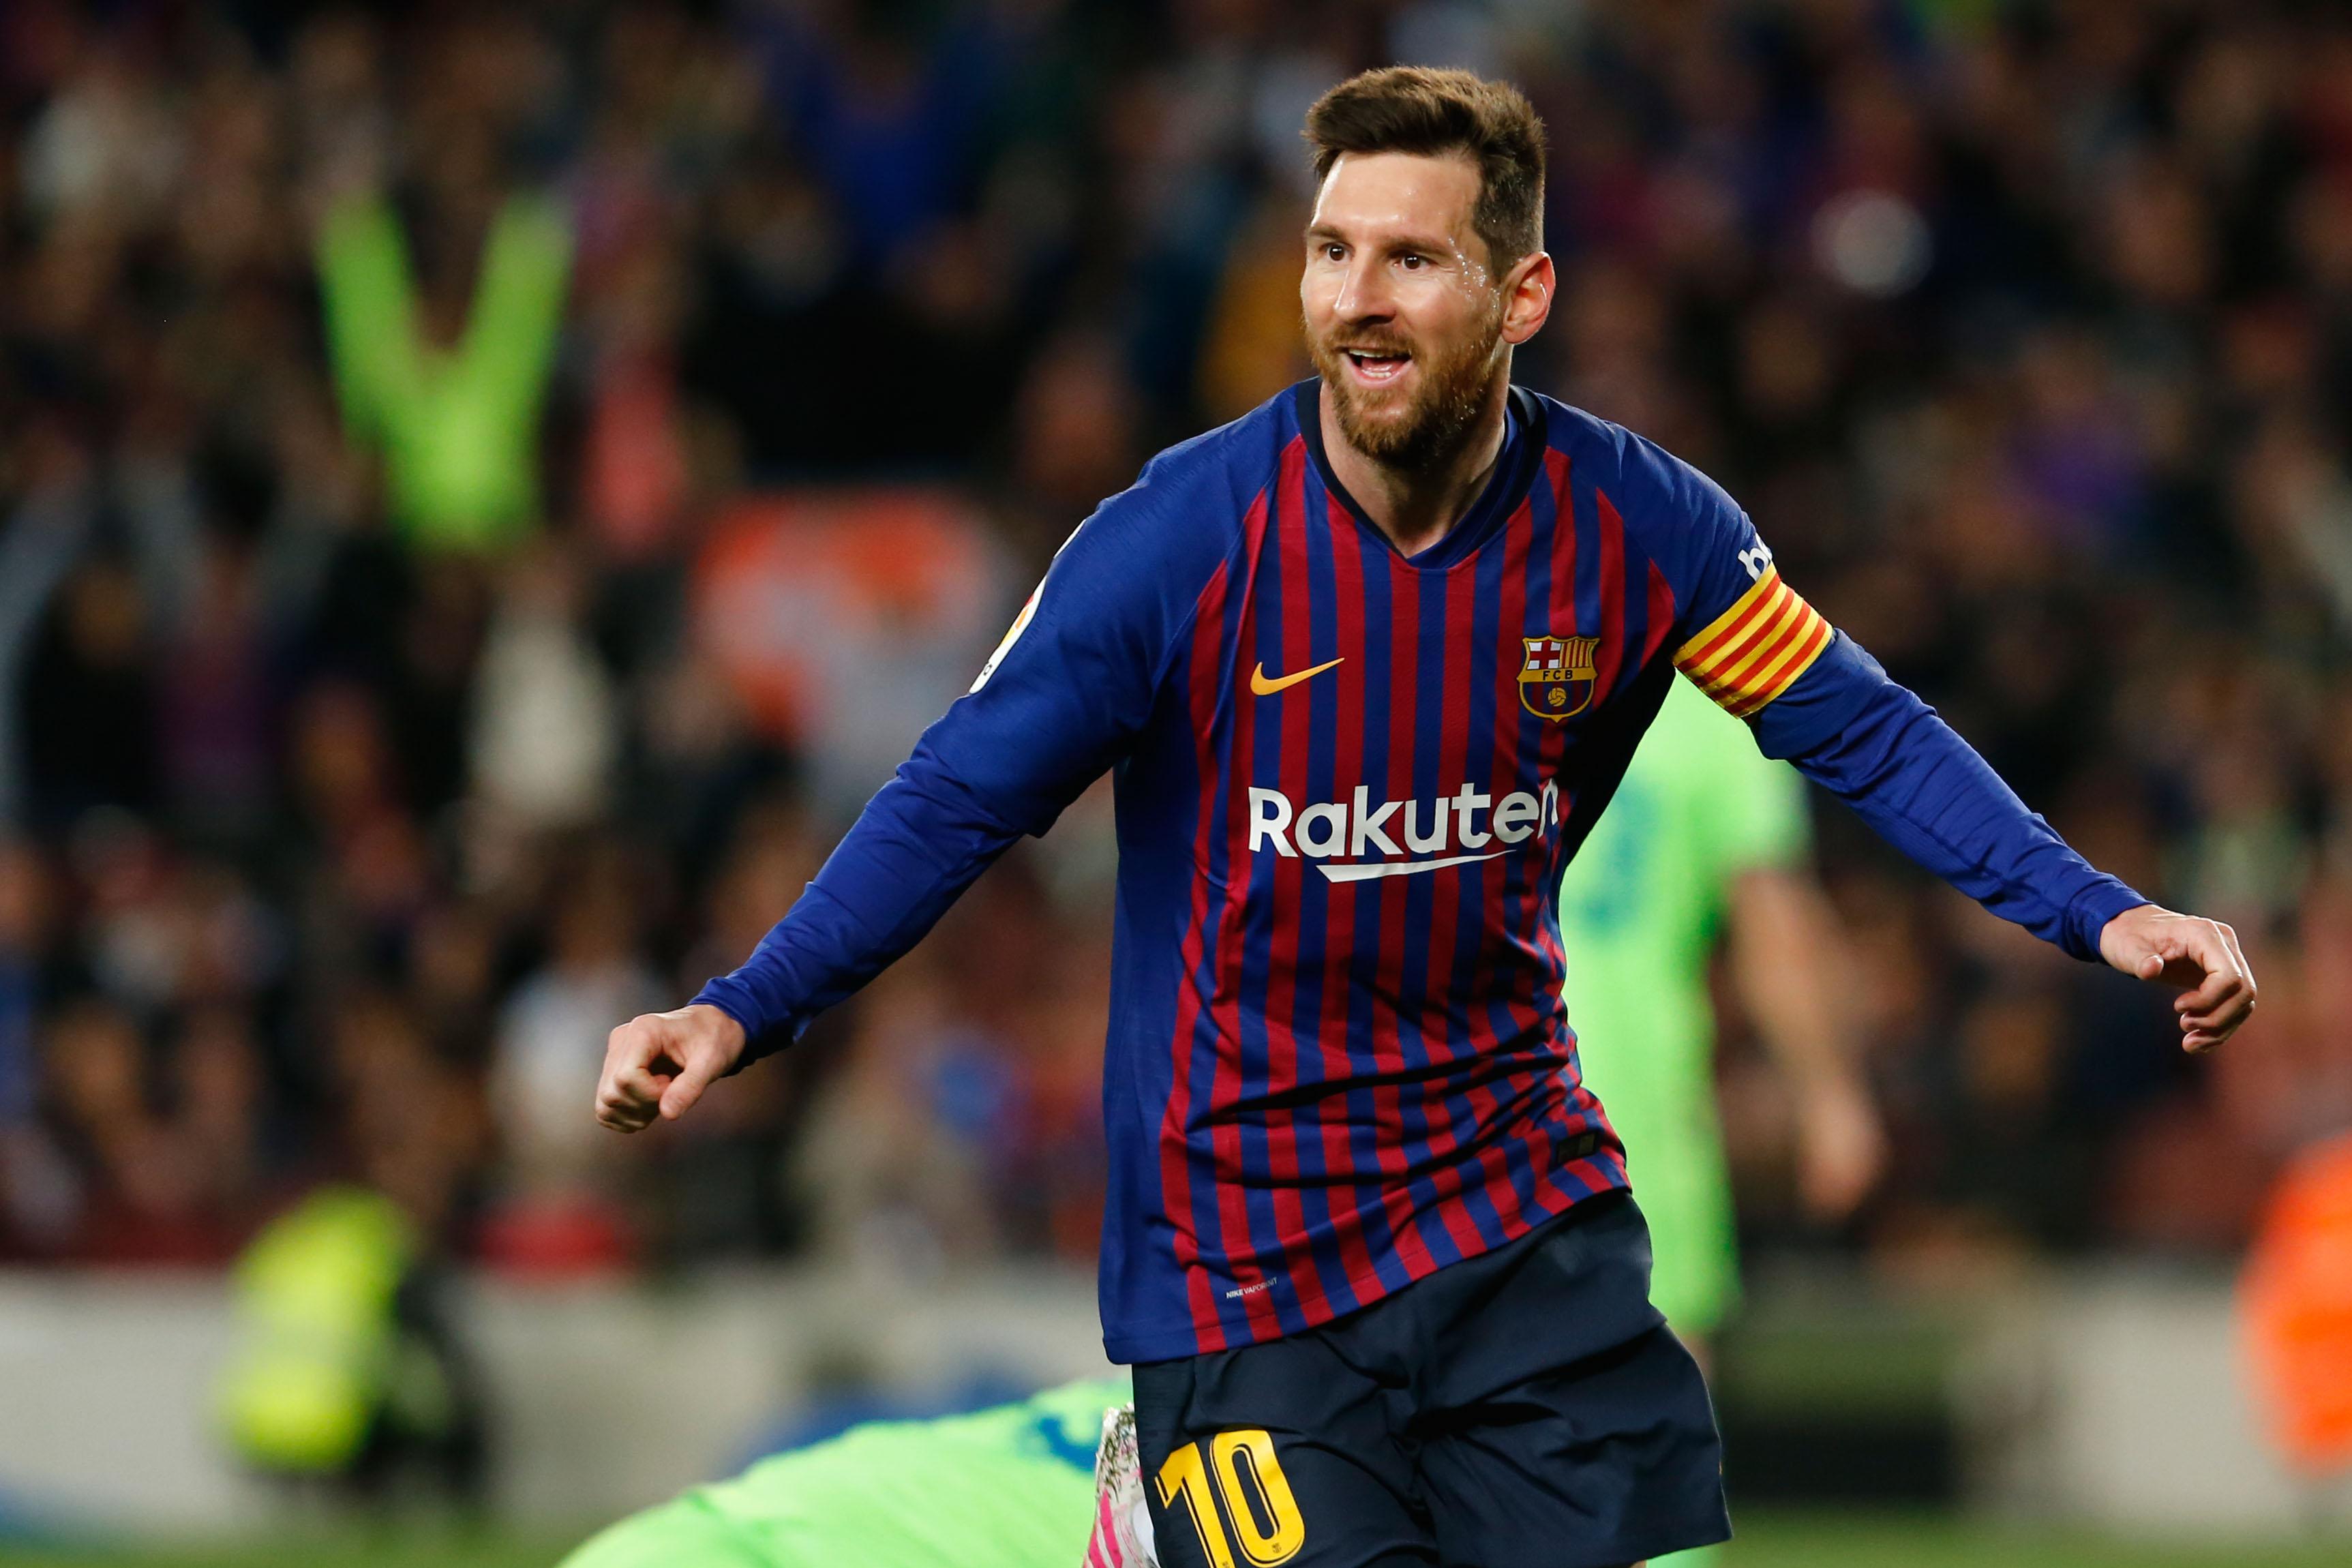 La trayectoria deportiva de Lionel Messi es reconocida con una distinción del gobierno catalán. (Foto Prensa Libre: AFP)